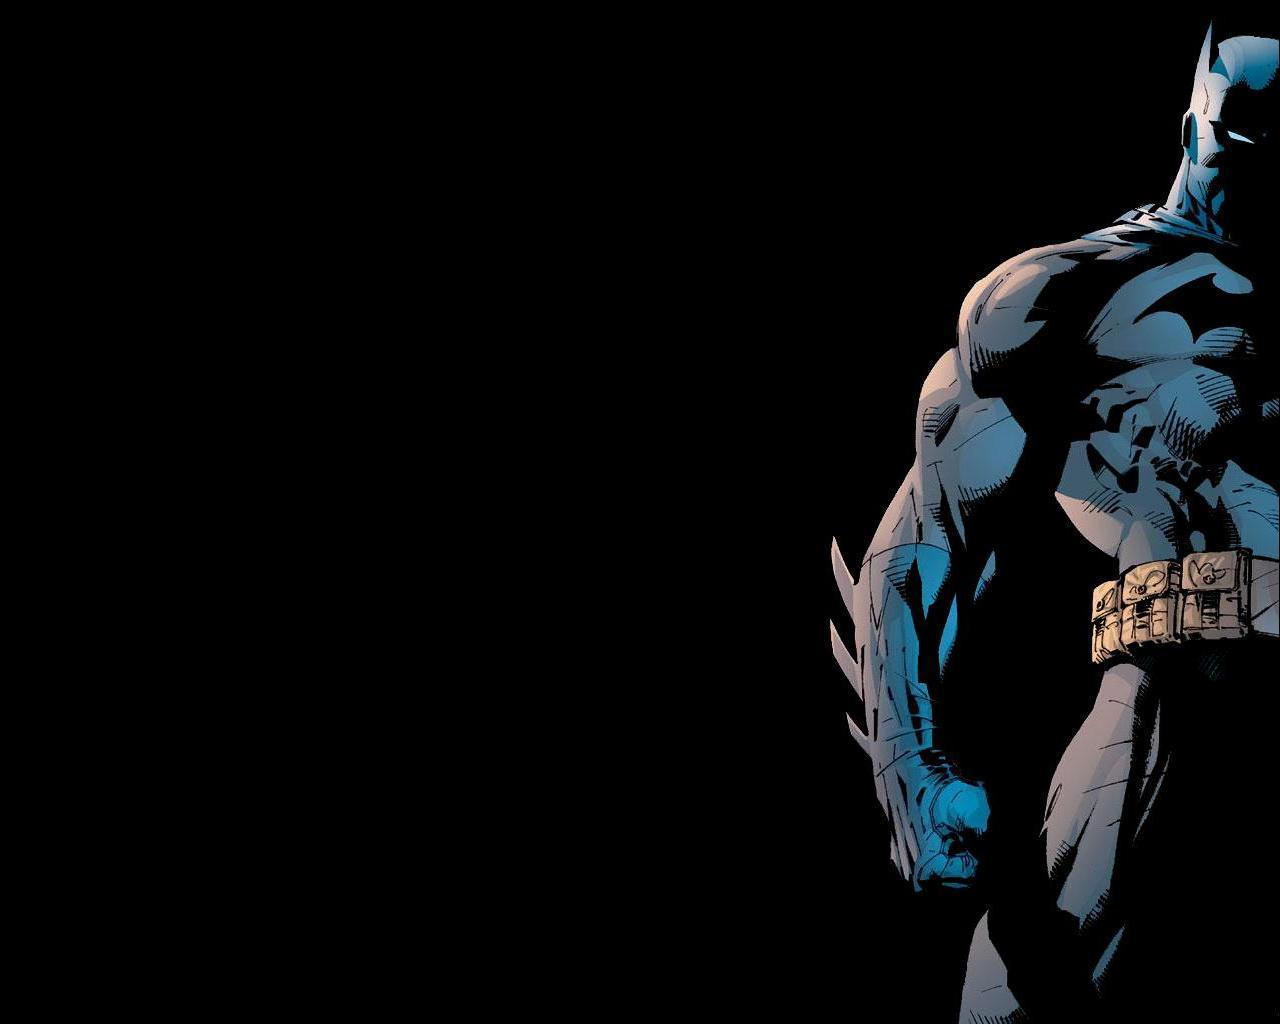 Batman batman 1457726 1280 1024jpg 1280x1024